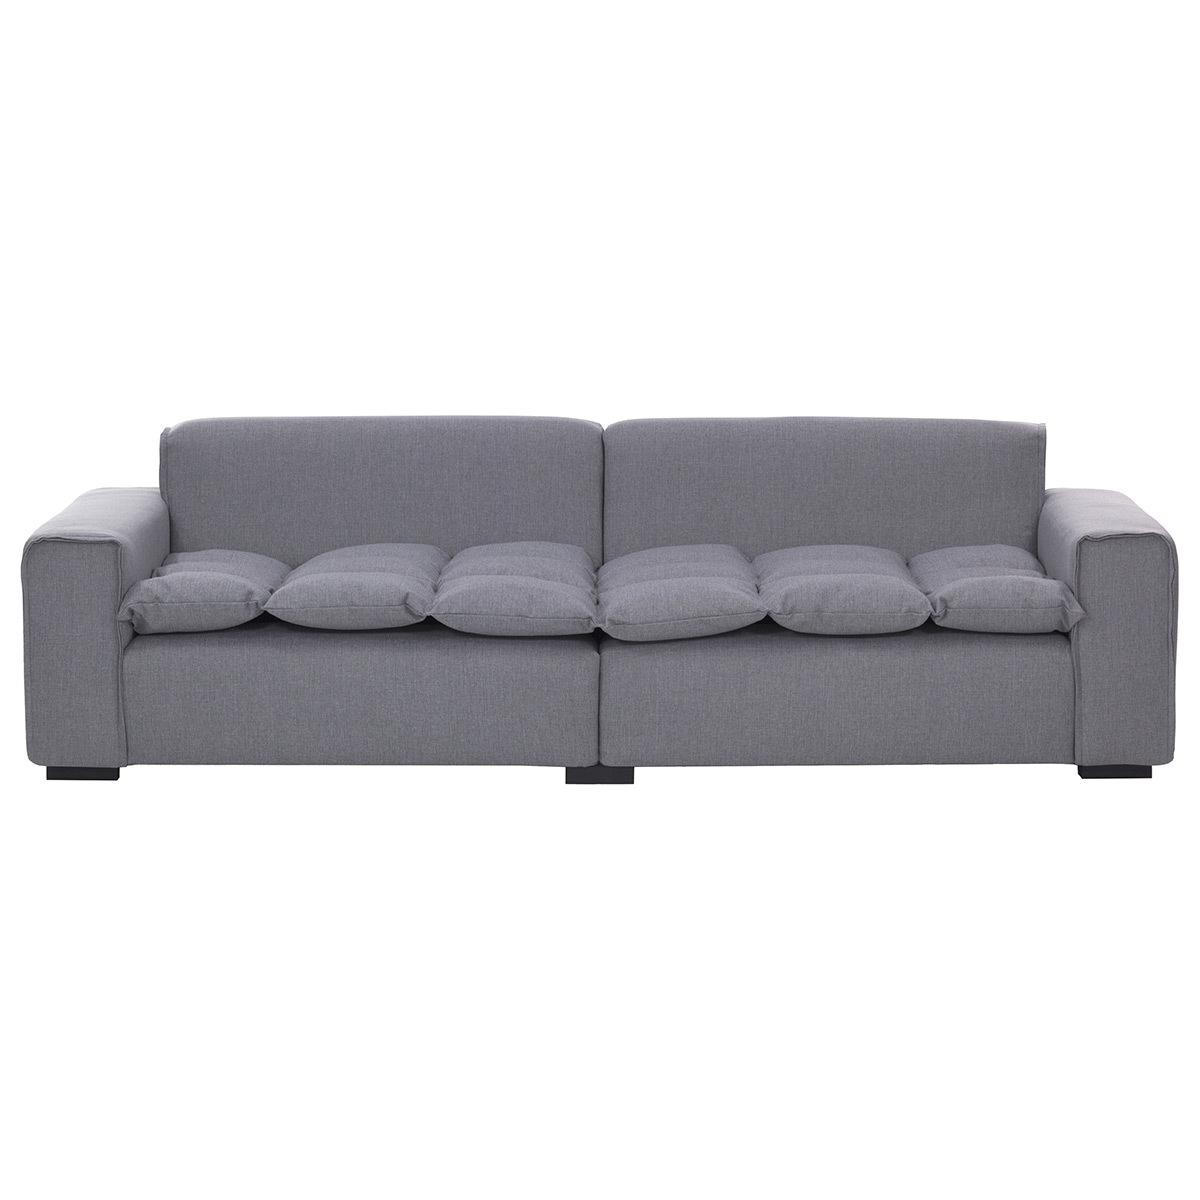 Divano 4 posti design in tessuto grigio chiaro MELLOW